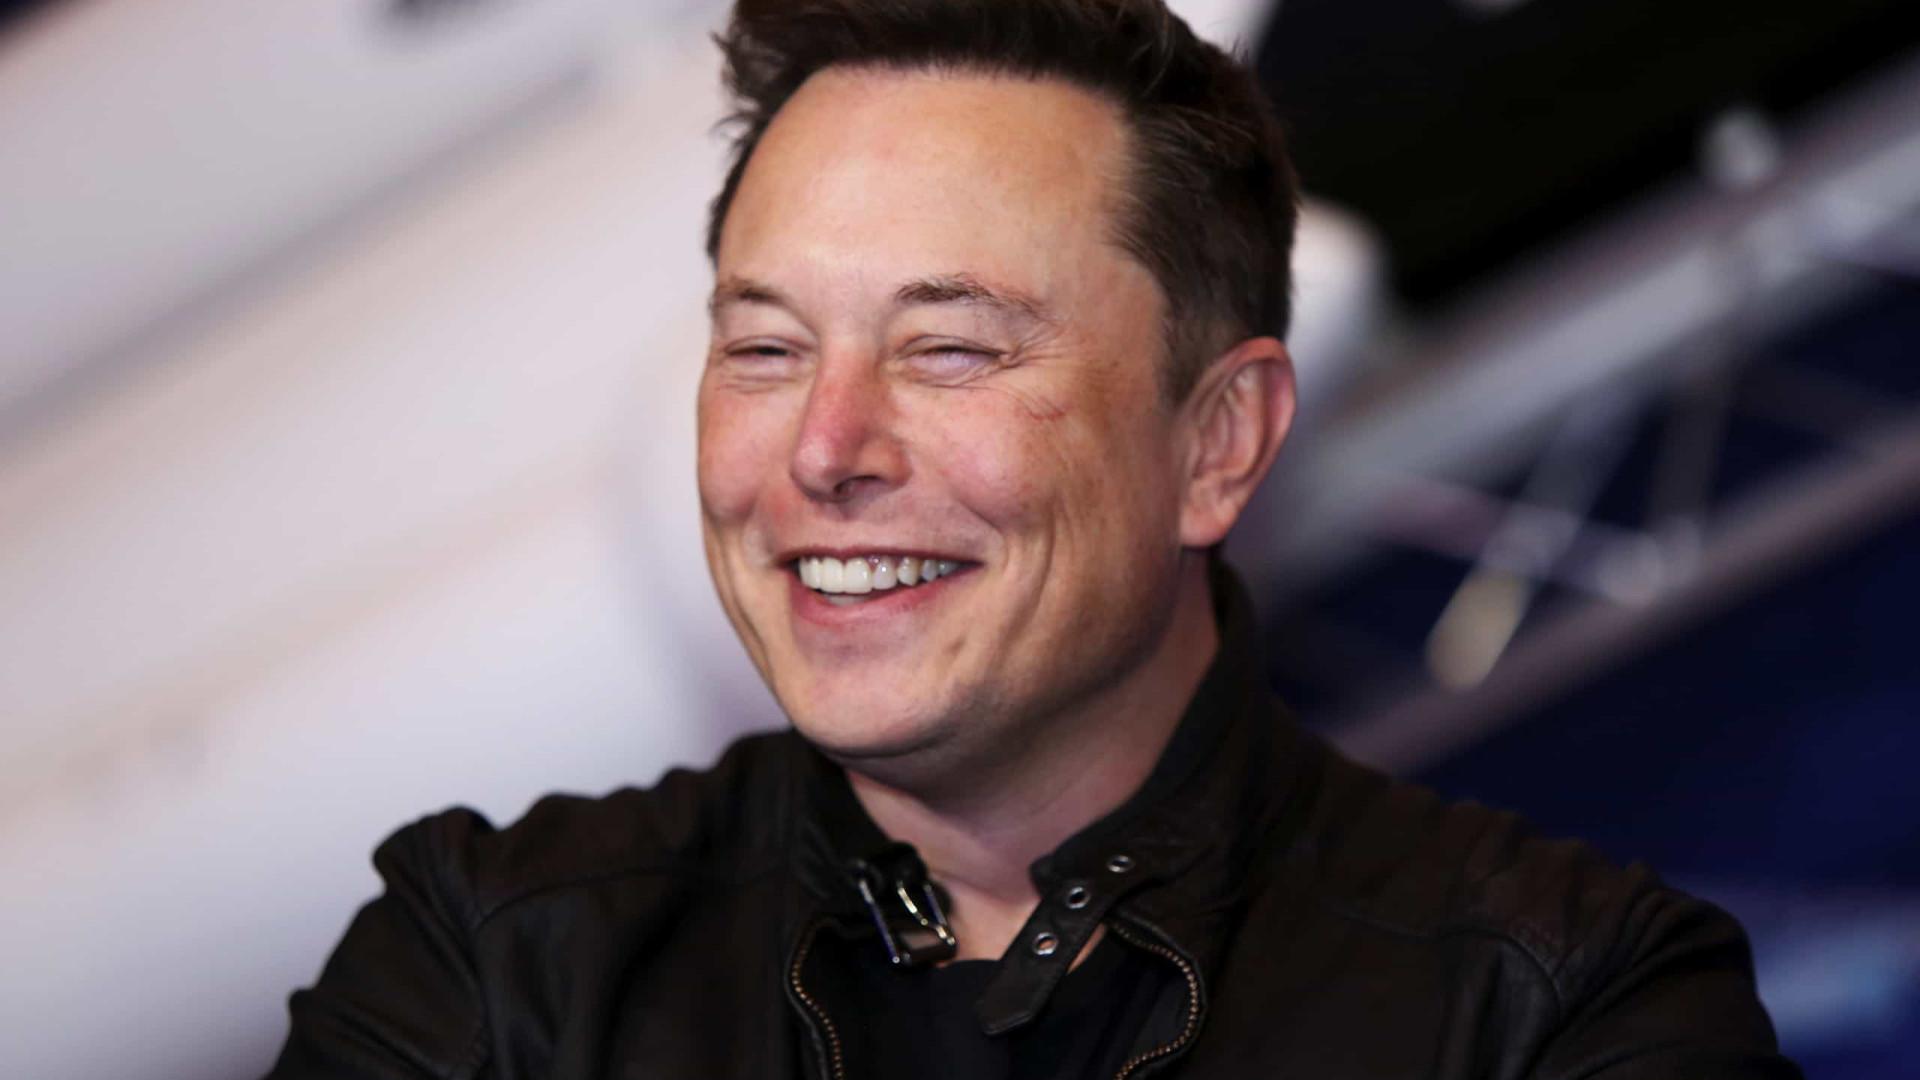 Elon Musk revela que tem síndrome de Asperger